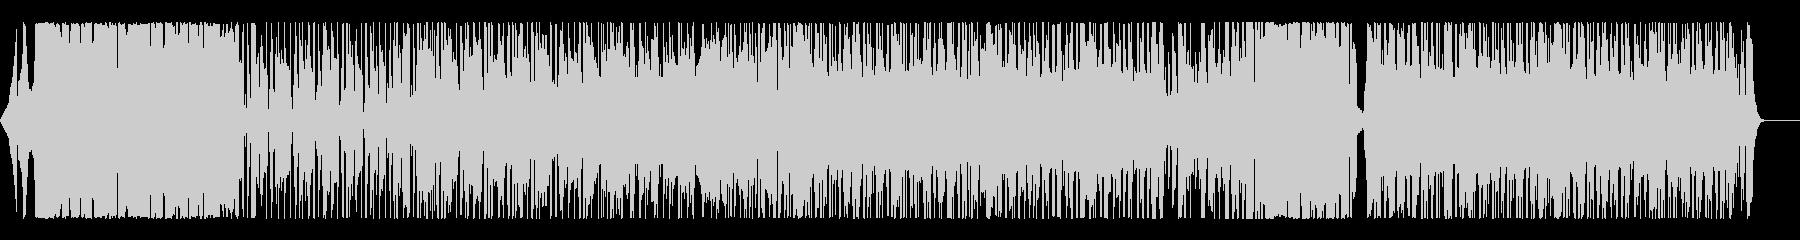 ミディアムテンポでクールなロックギターの未再生の波形